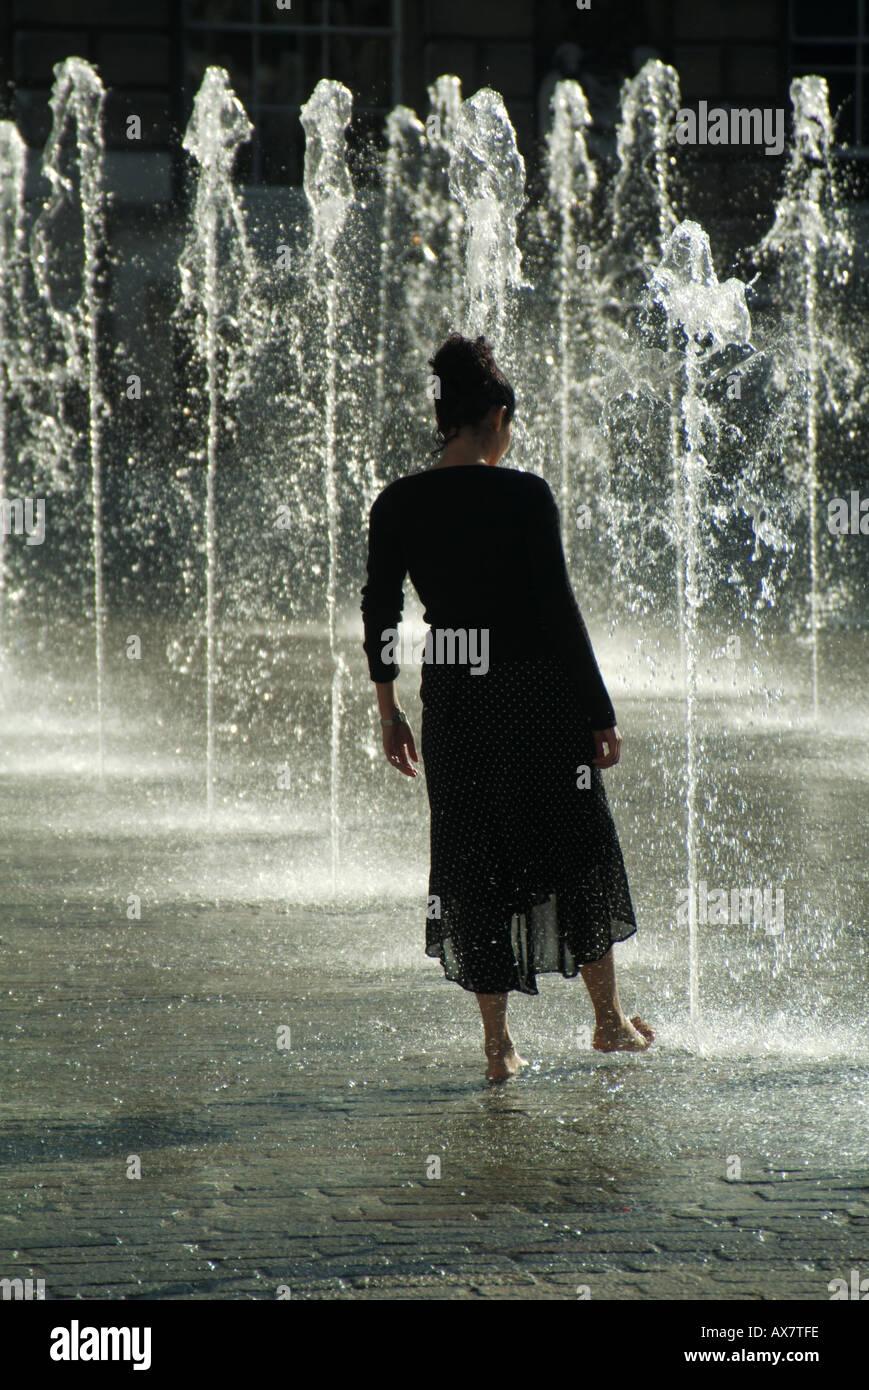 Somerset House disposent d''eau fontaine jeune femme se rafraîchir l'été chaud les tests de concepts l'eau ou trempage dans l'eau toe London England UK Photo Stock